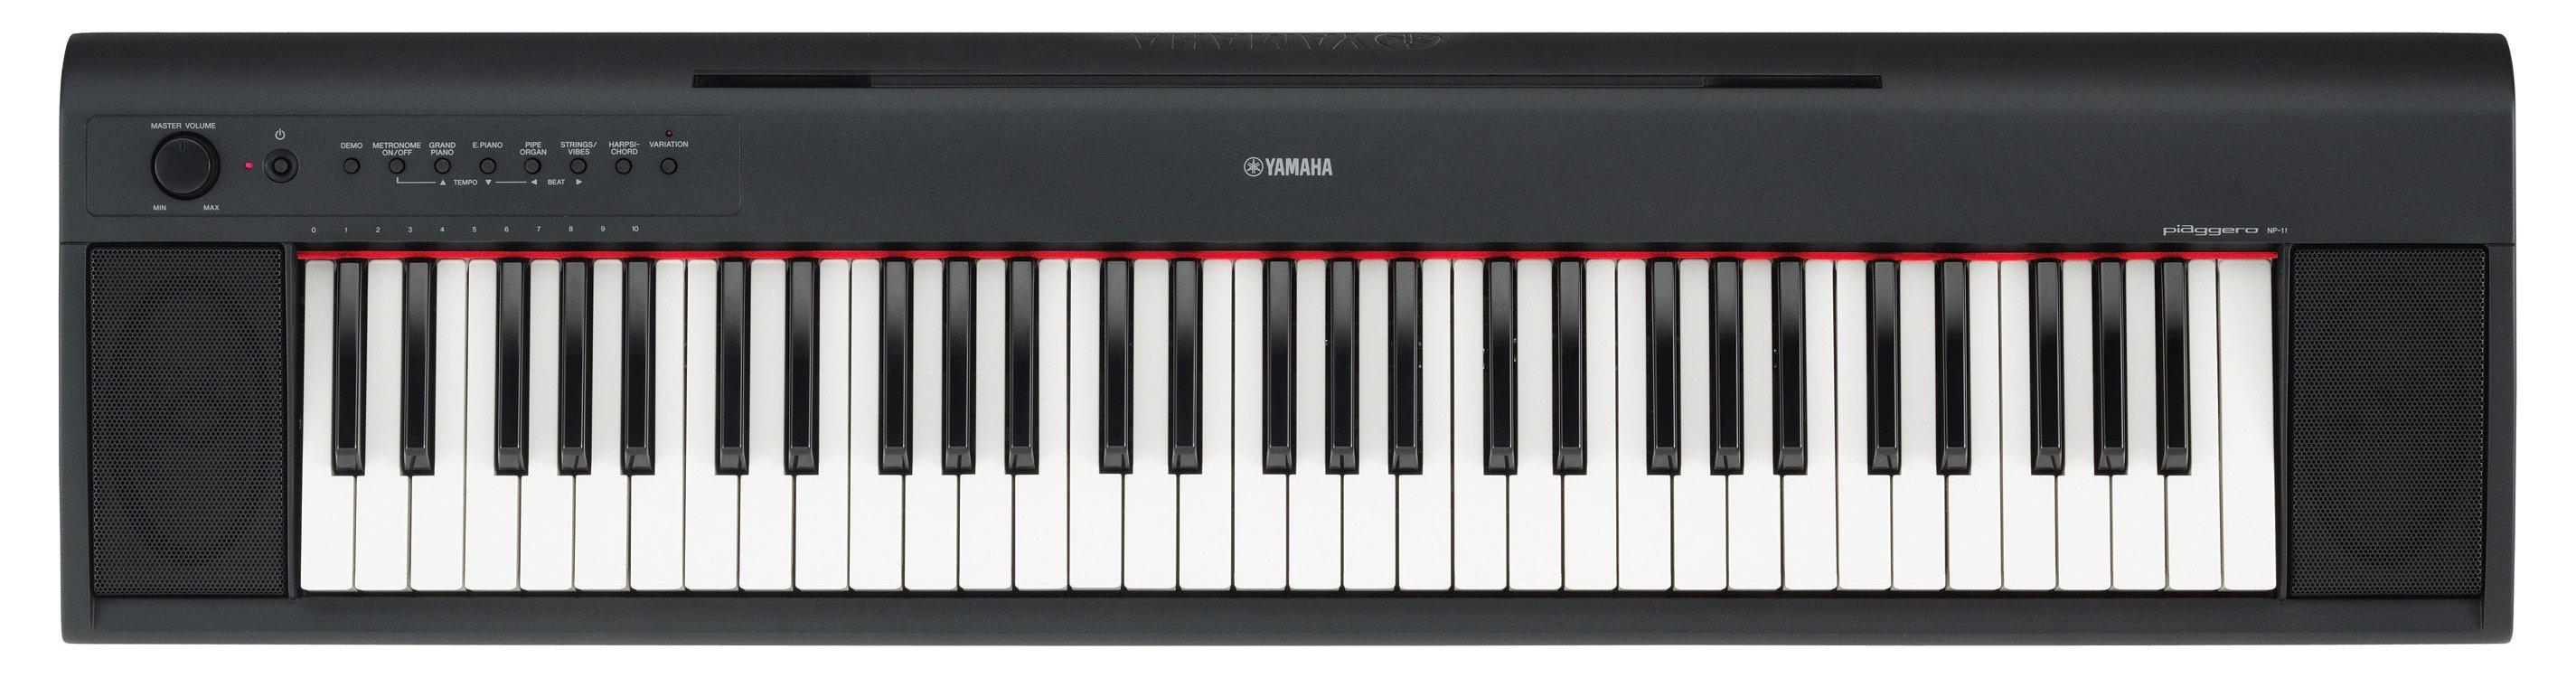 Yamaha instrumentos np11 djmania for Yamaha np11 digital piano